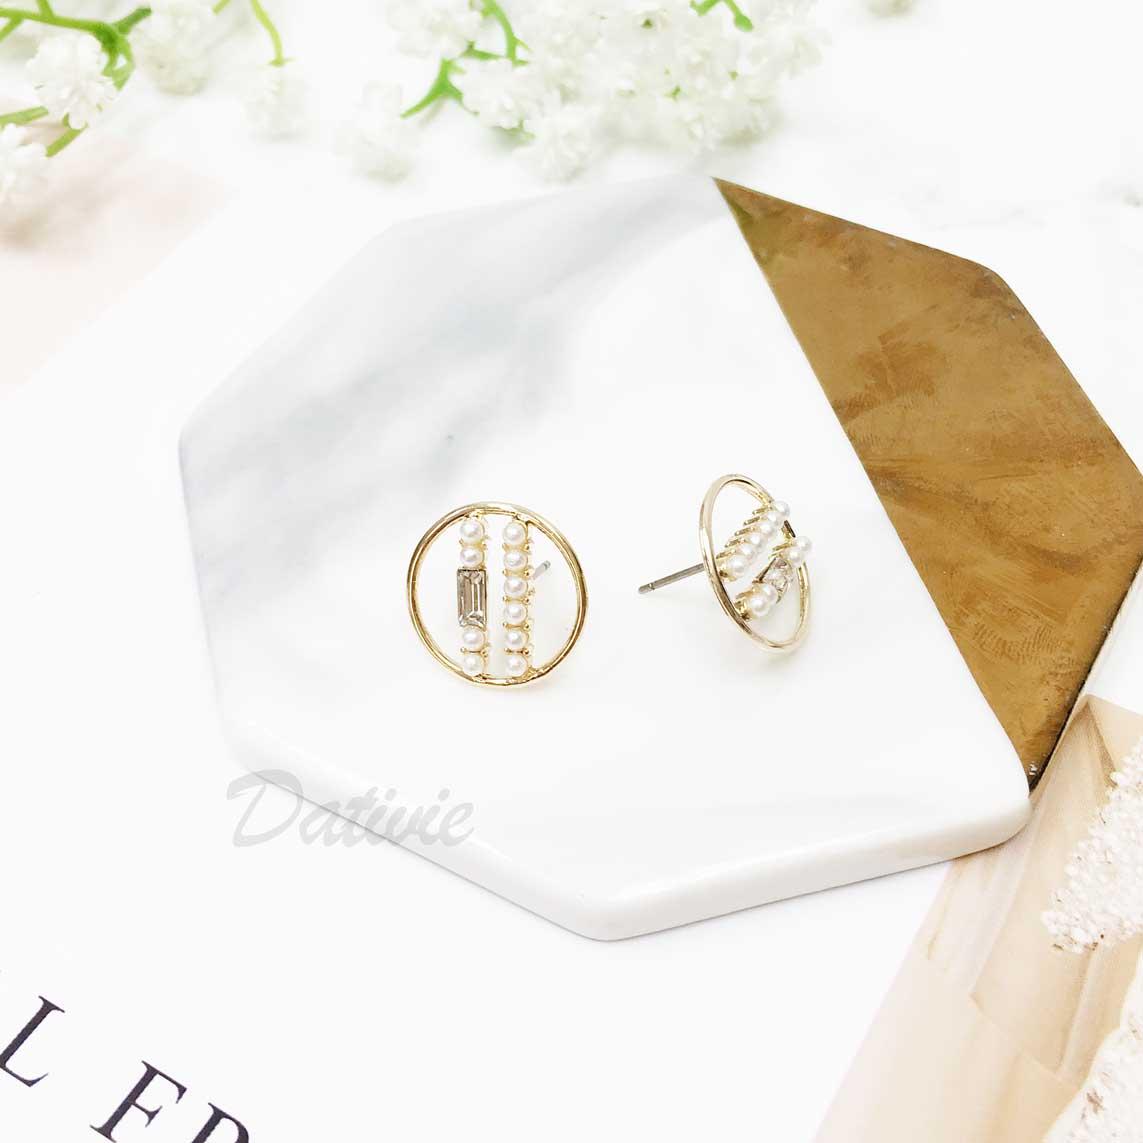 韓國 925純銀 圓形 珍珠 長鑽 垂墜感 耳針式耳環